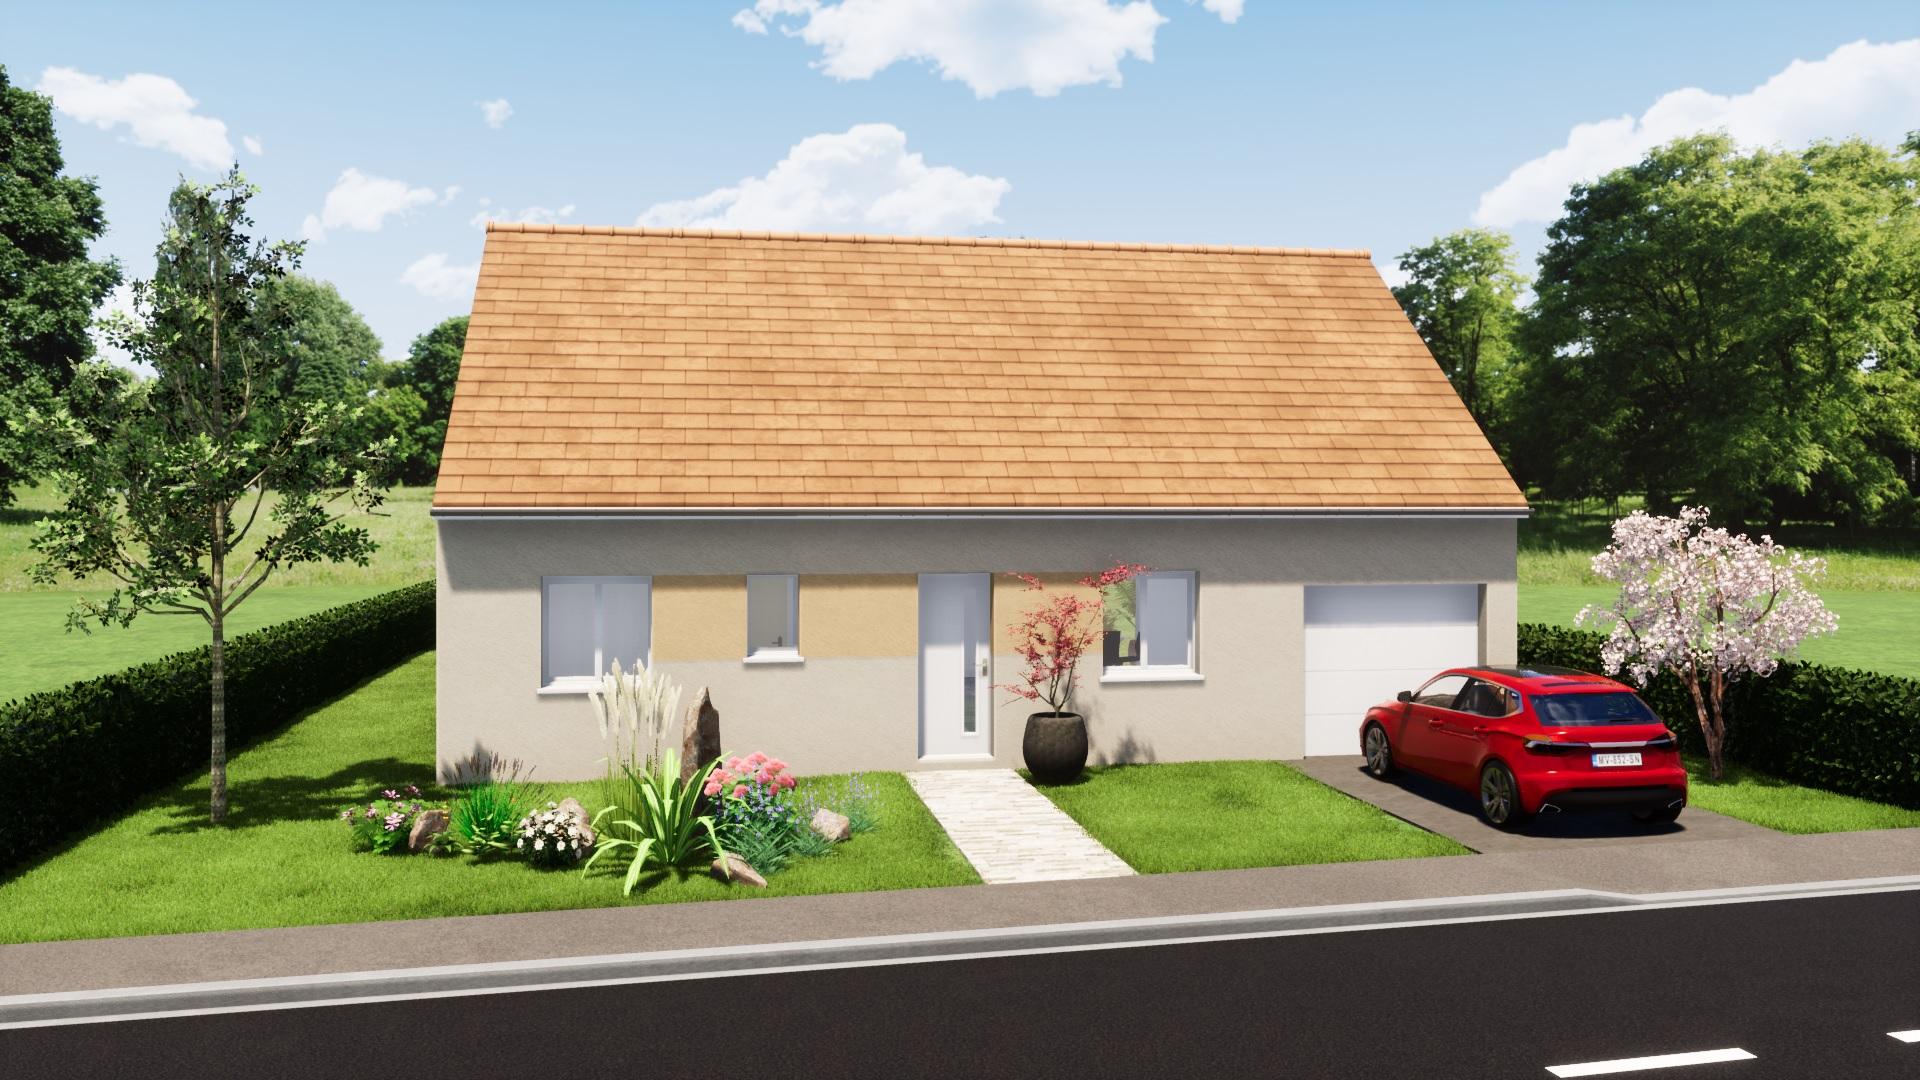 maison plain pied 3 chambres maison moderne maison contemporaine constructeur maisons lg en Sarthe Le Mans maison RE 2020 plans maison rez-de-chaussée arrière